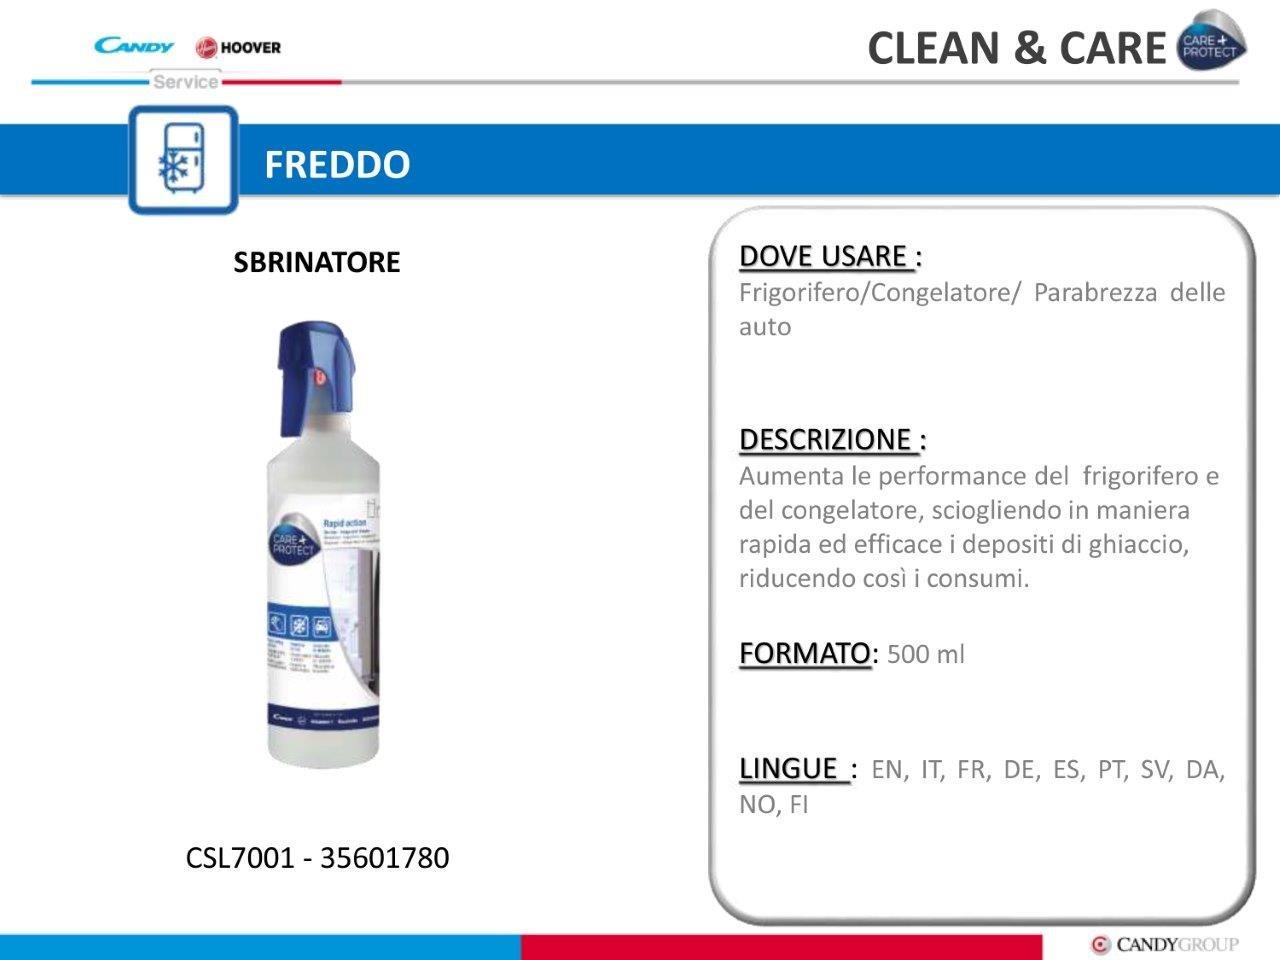 vendita prodotti clean&care hoover